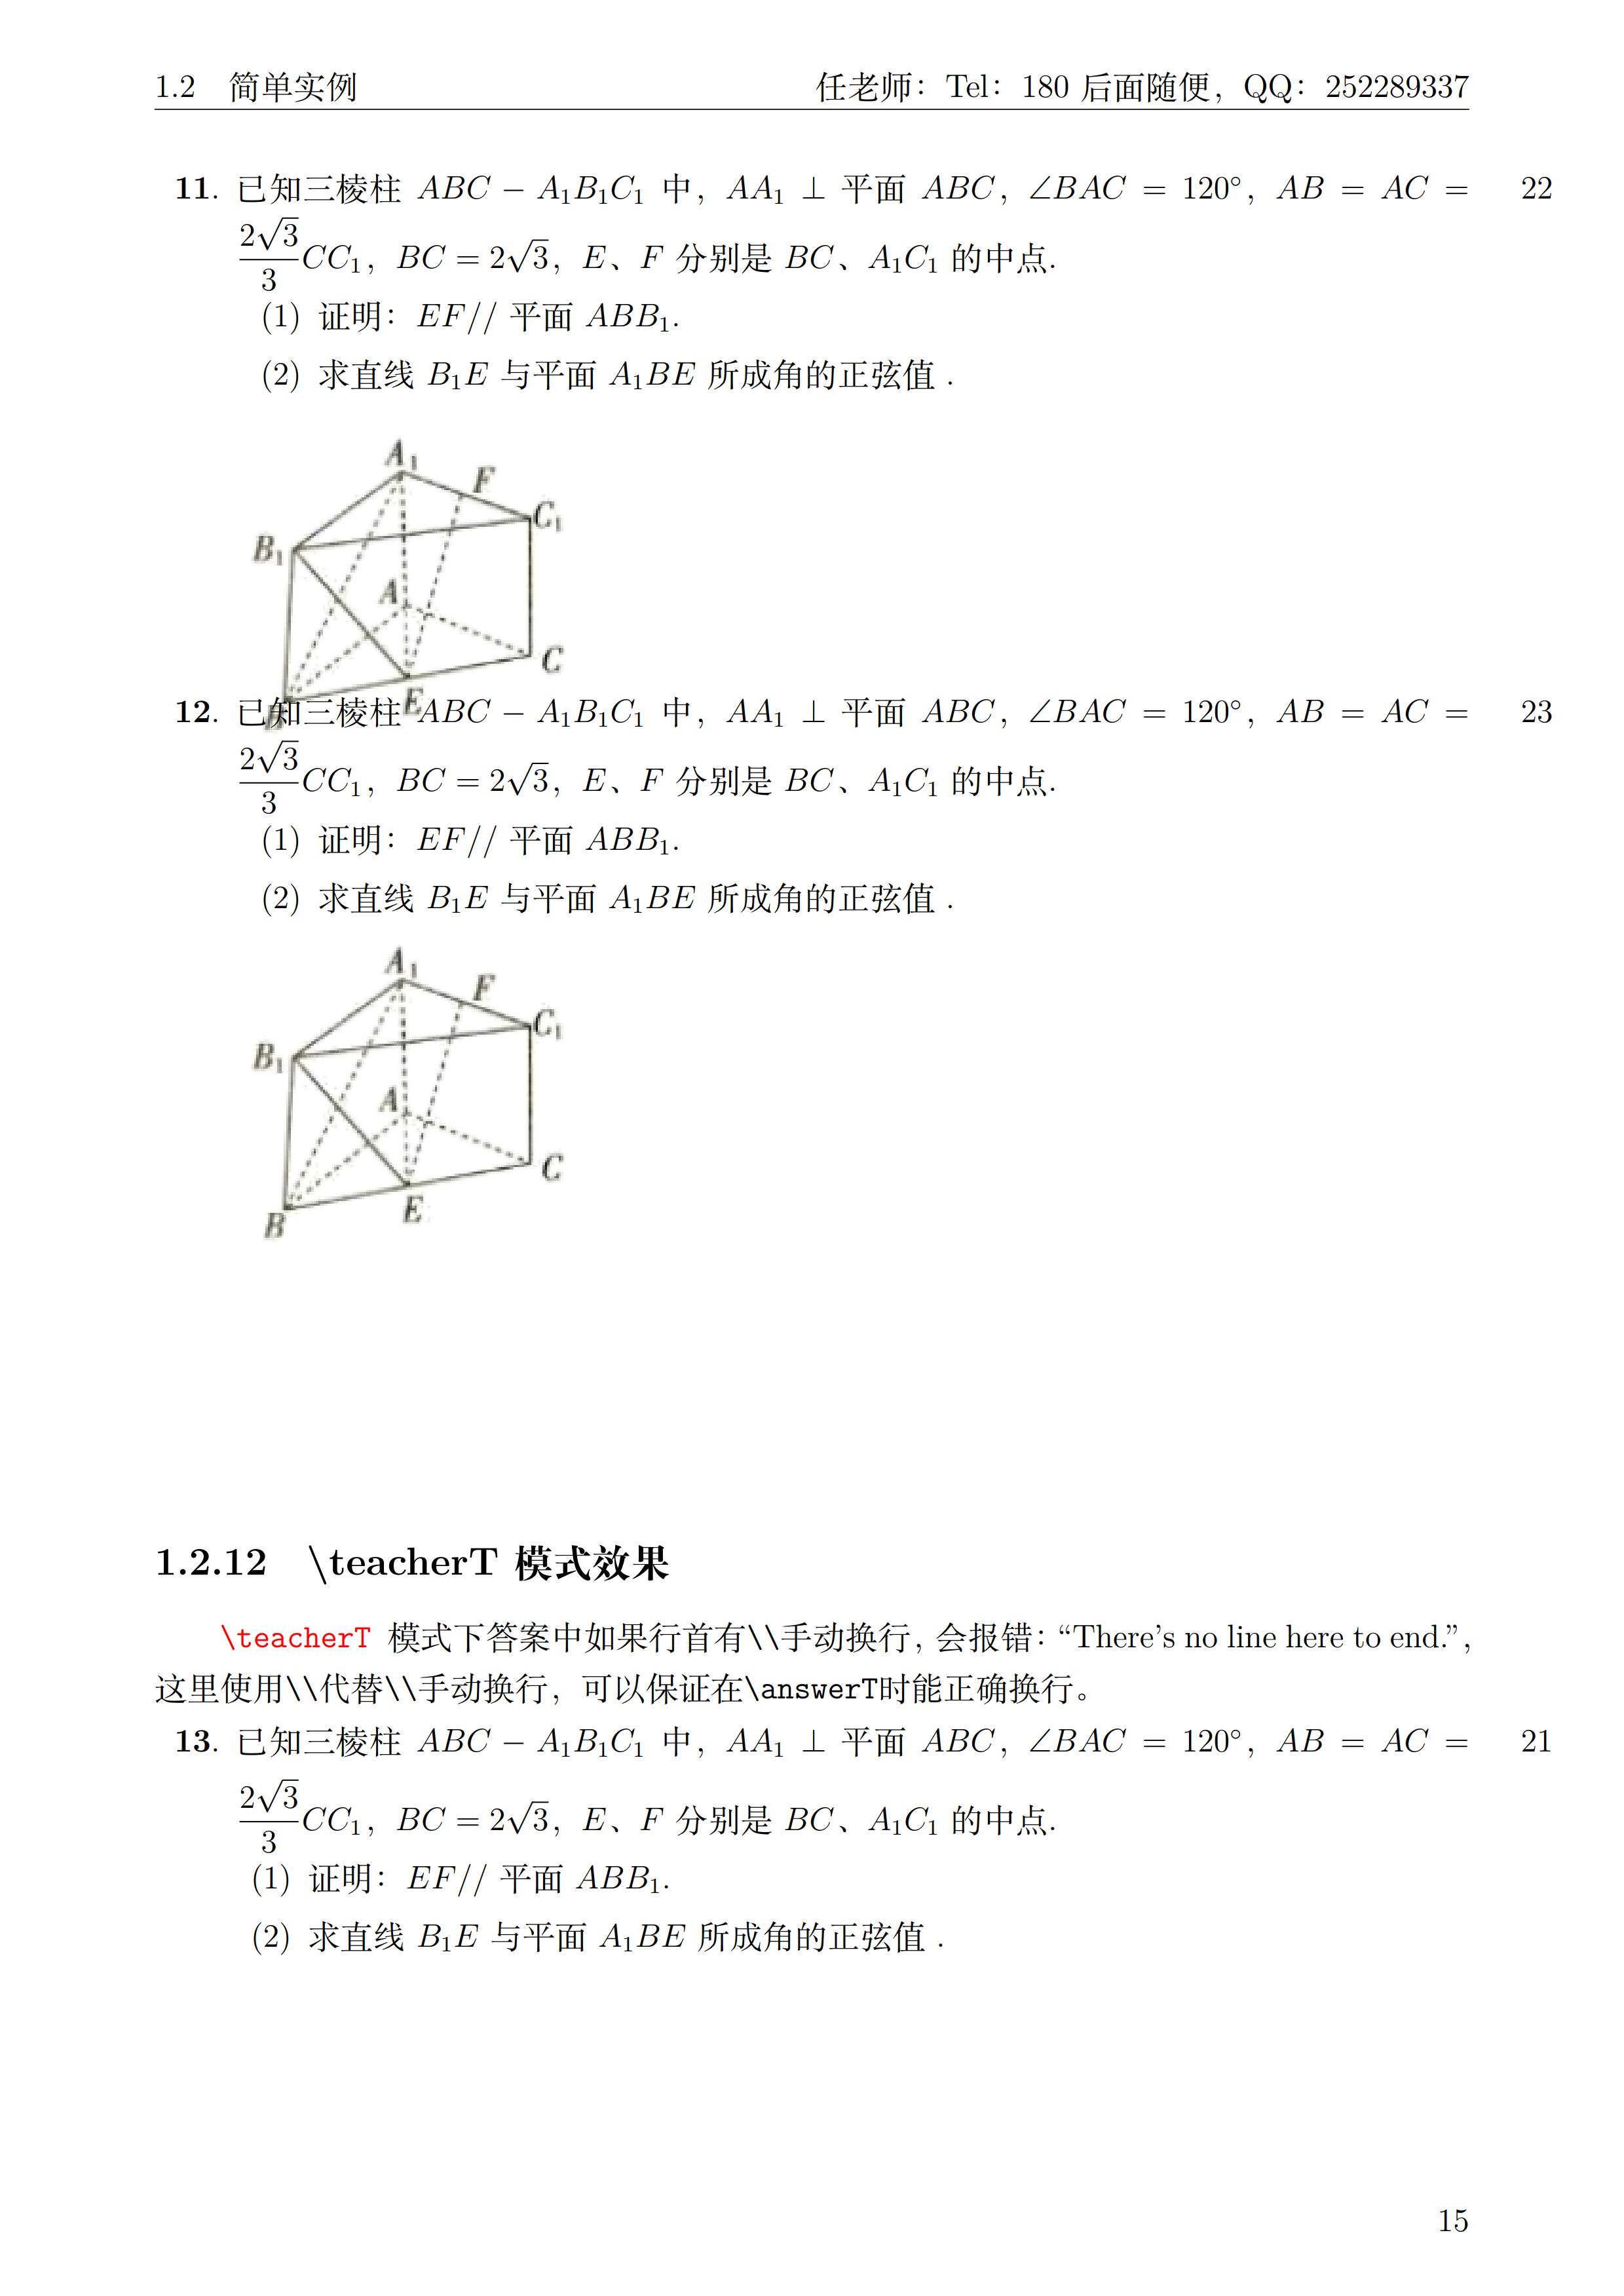 高中数学试题排版